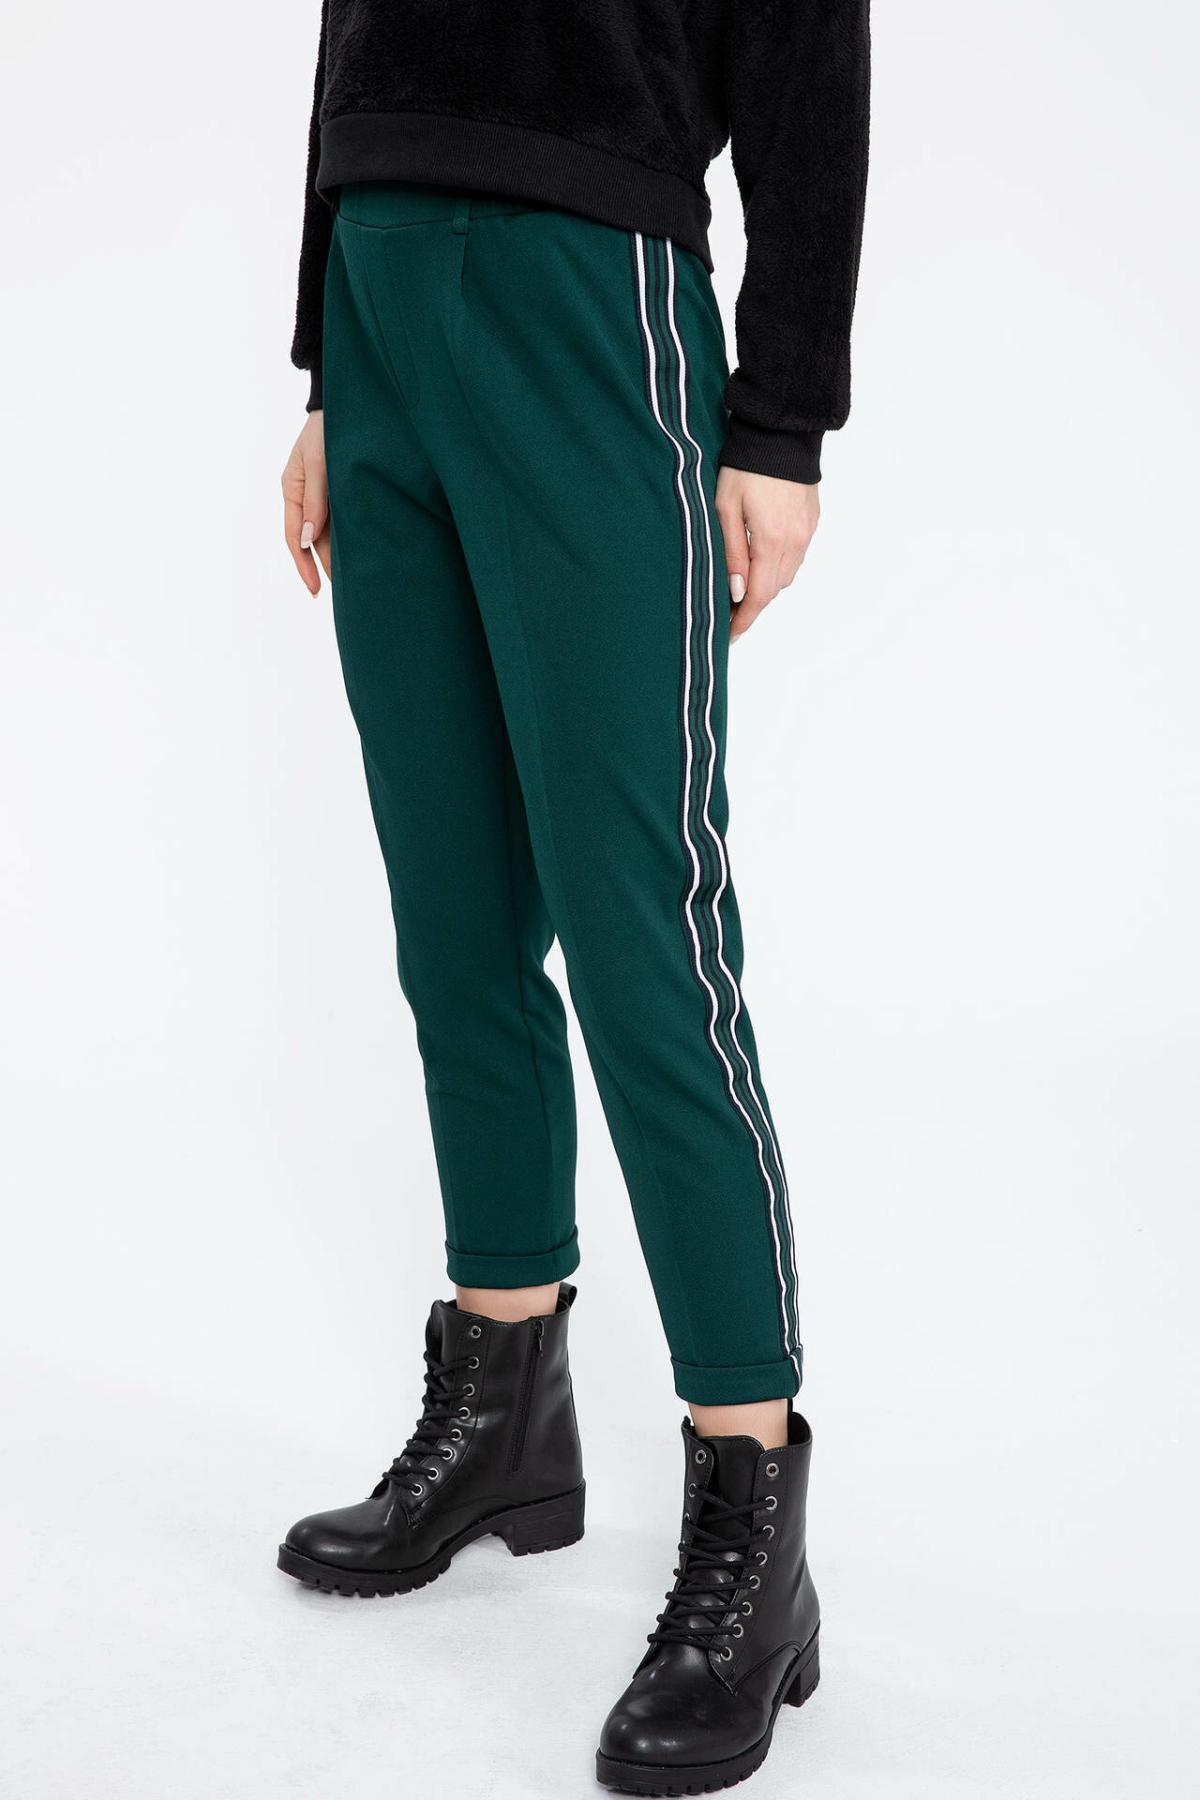 DeFacto Woman Adjustable Long Trousers Striped Long Pants Casual Sportspants Black Green Color Women Bottoms-J5733AZ18AU